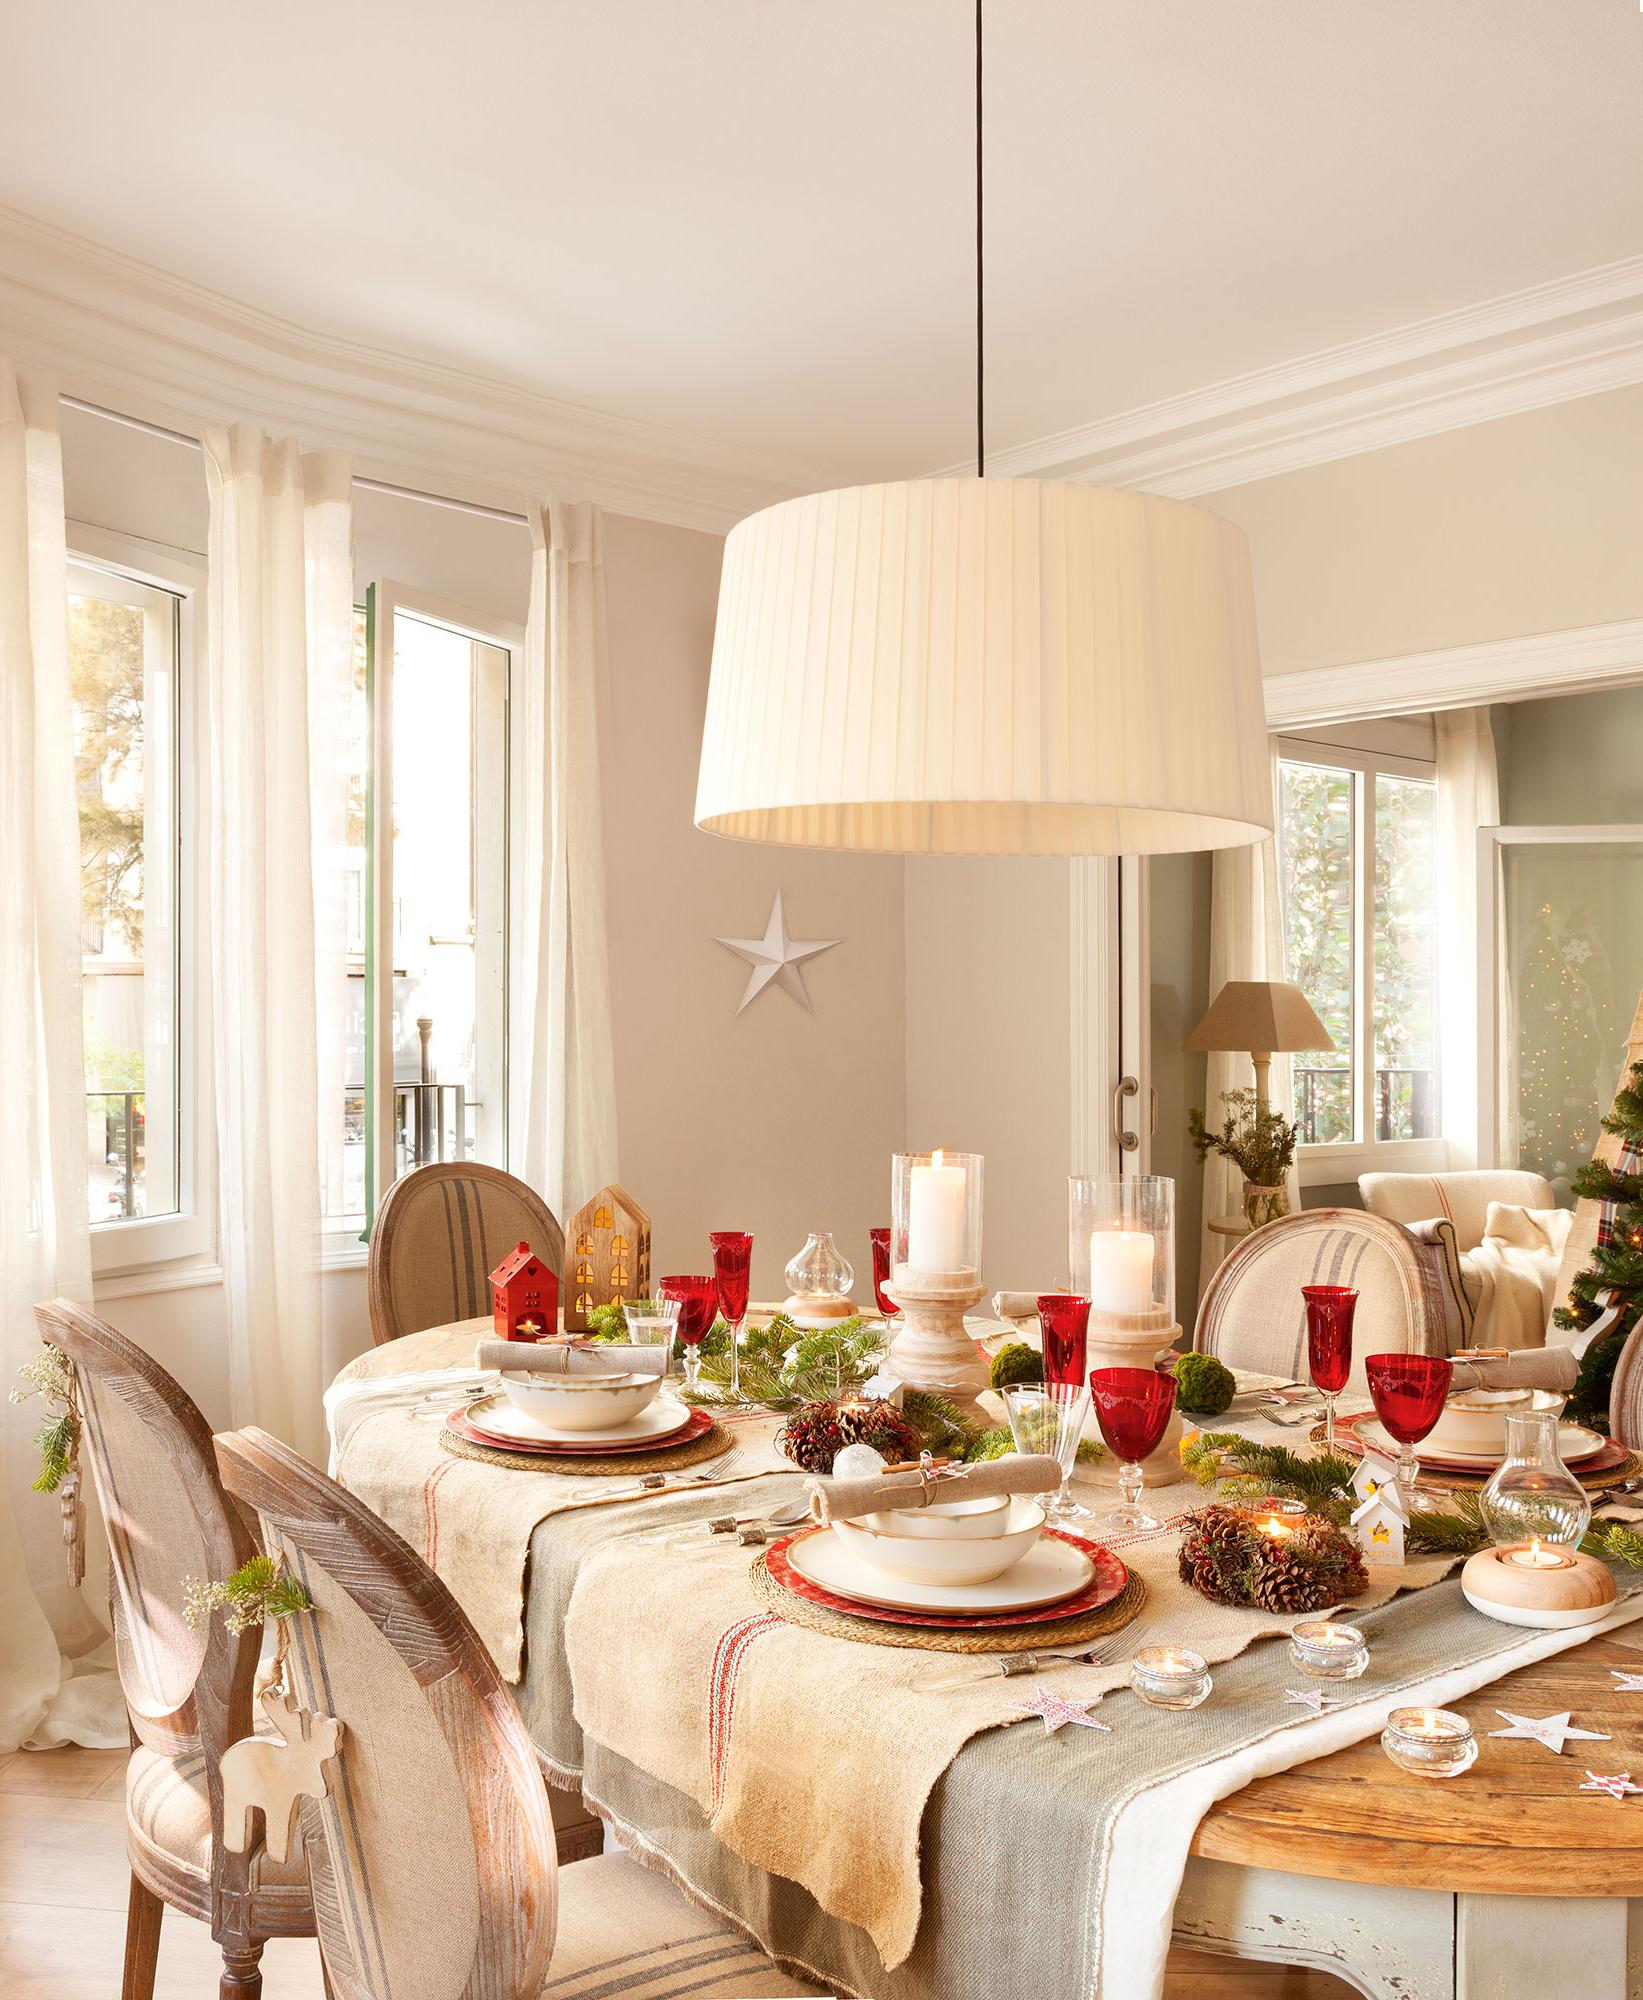 Caminos De Mesa Navideños Whdr Decoracià N De Navidad En Rojo Y Verde 15 Ideas Para Decorar Tu Casa